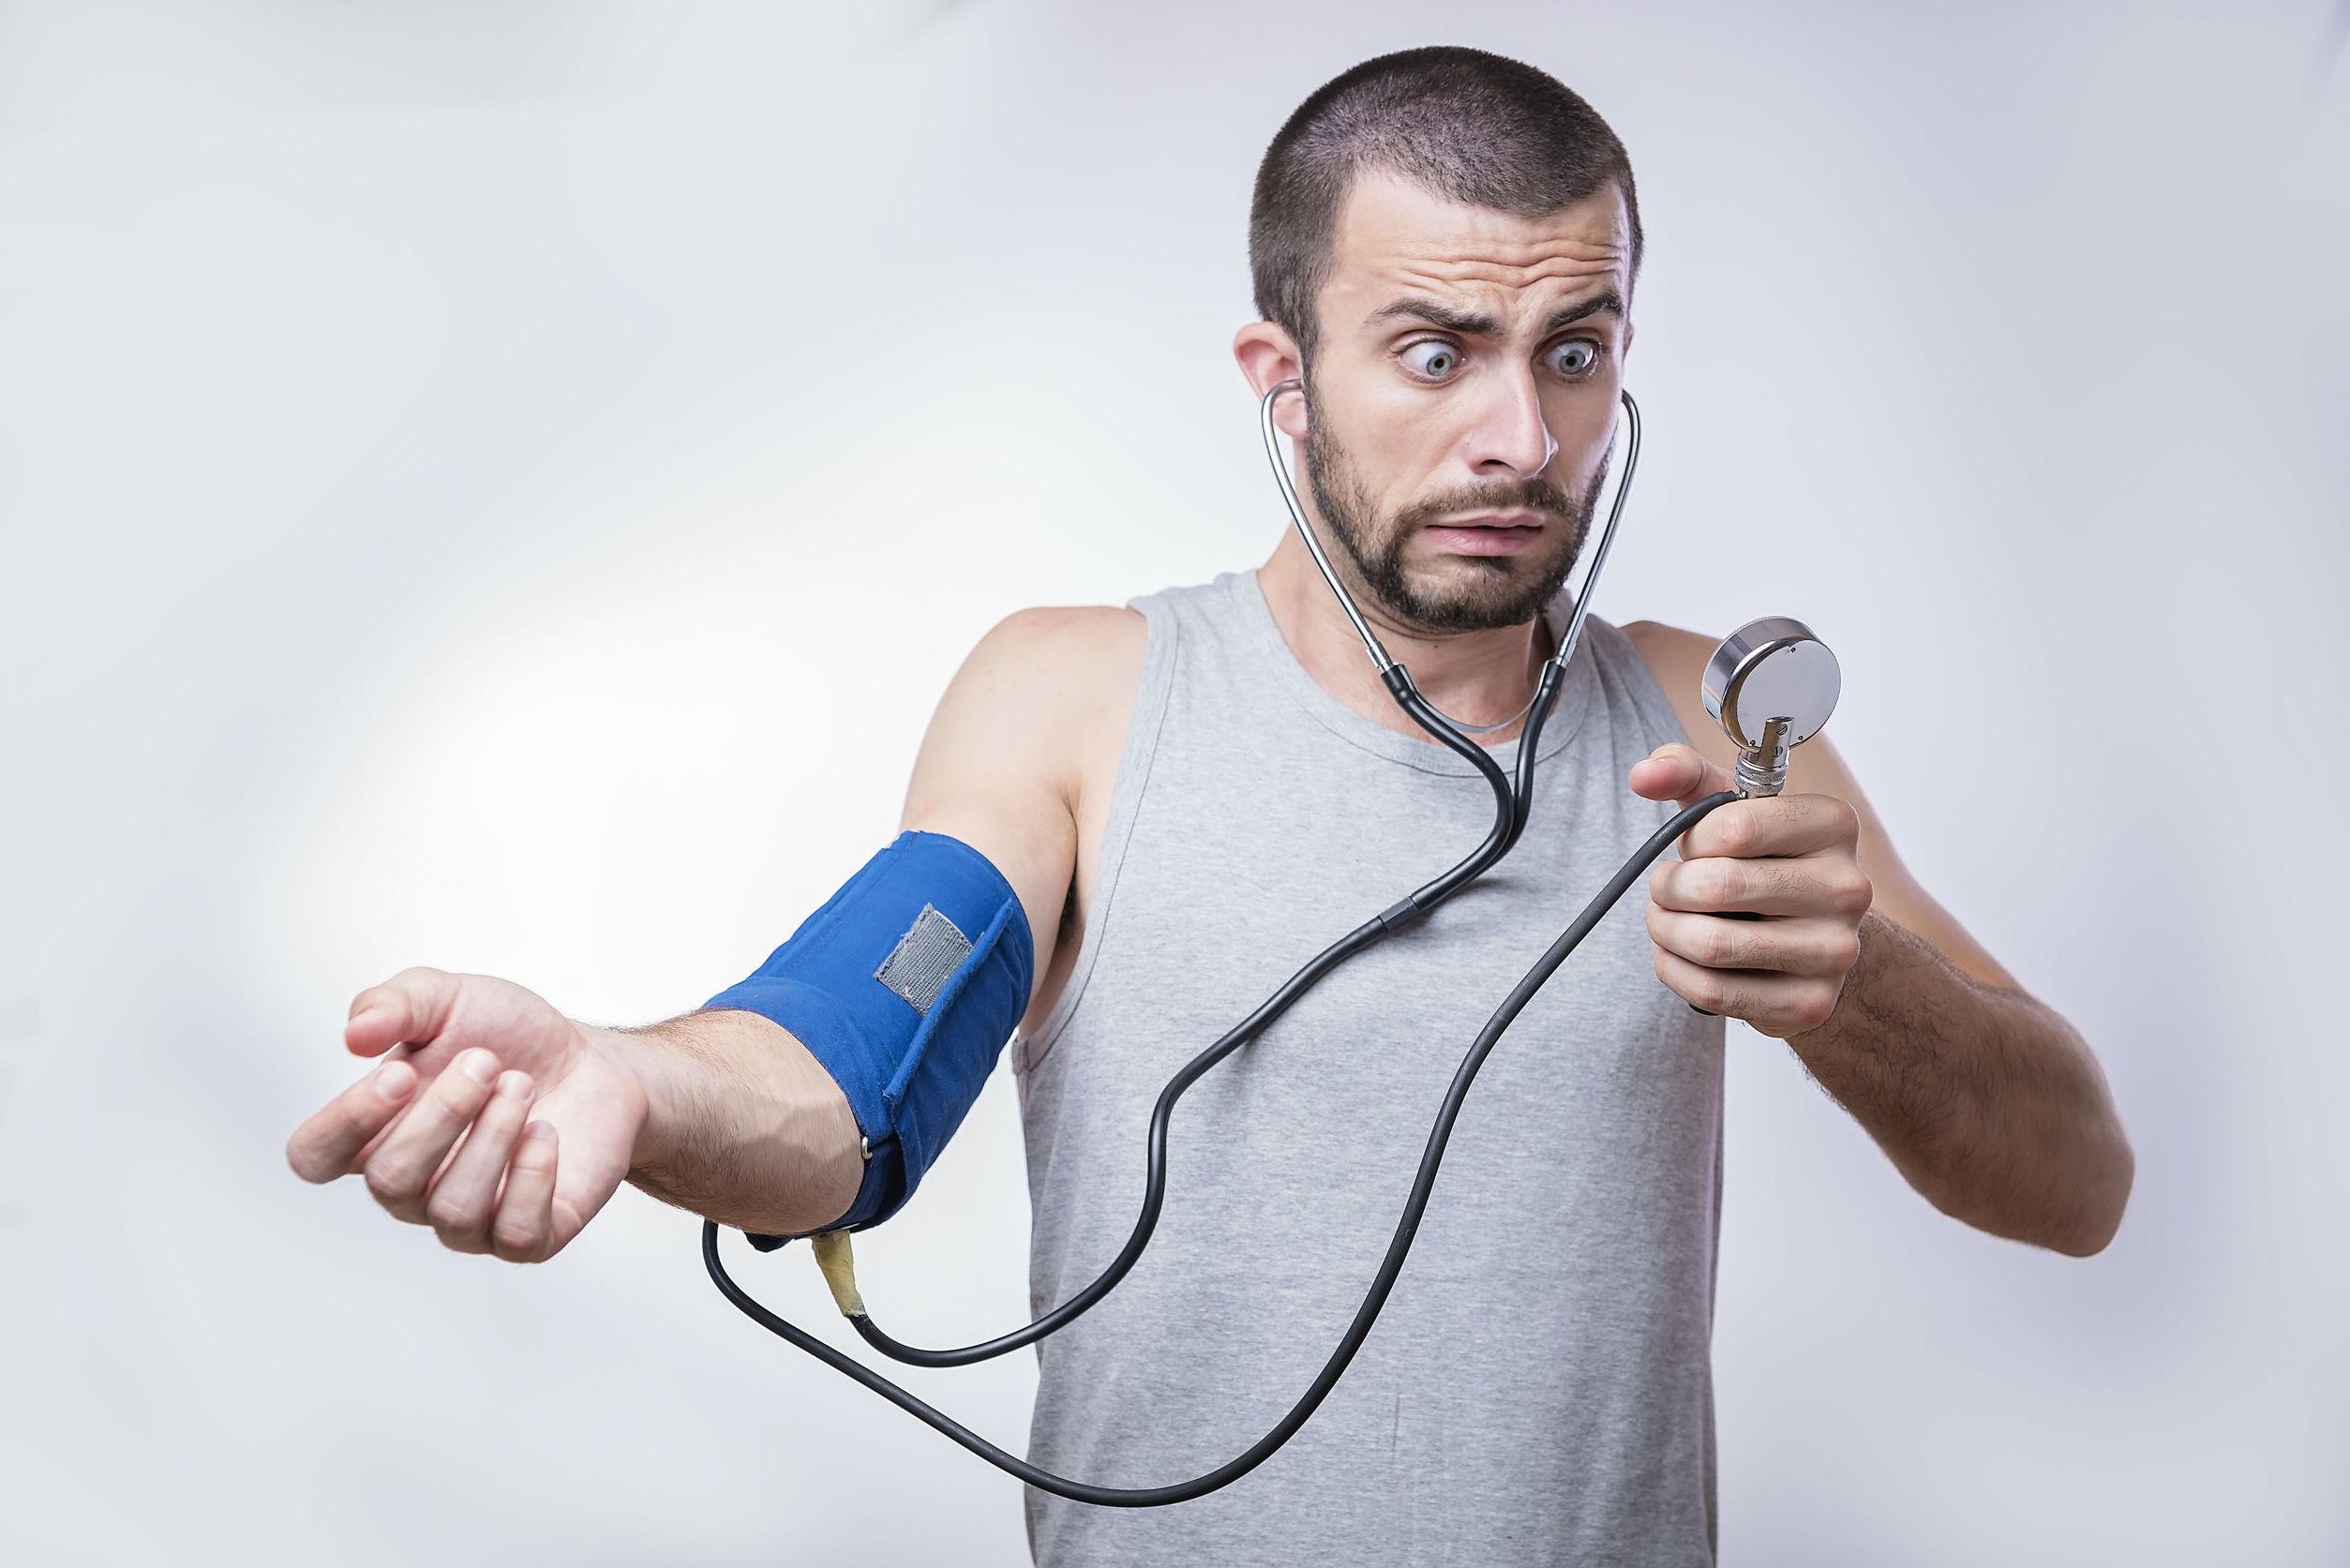 hogyan lehet a legjobban futni magas vérnyomás esetén magas vérnyomás kezelése 1 2 fok